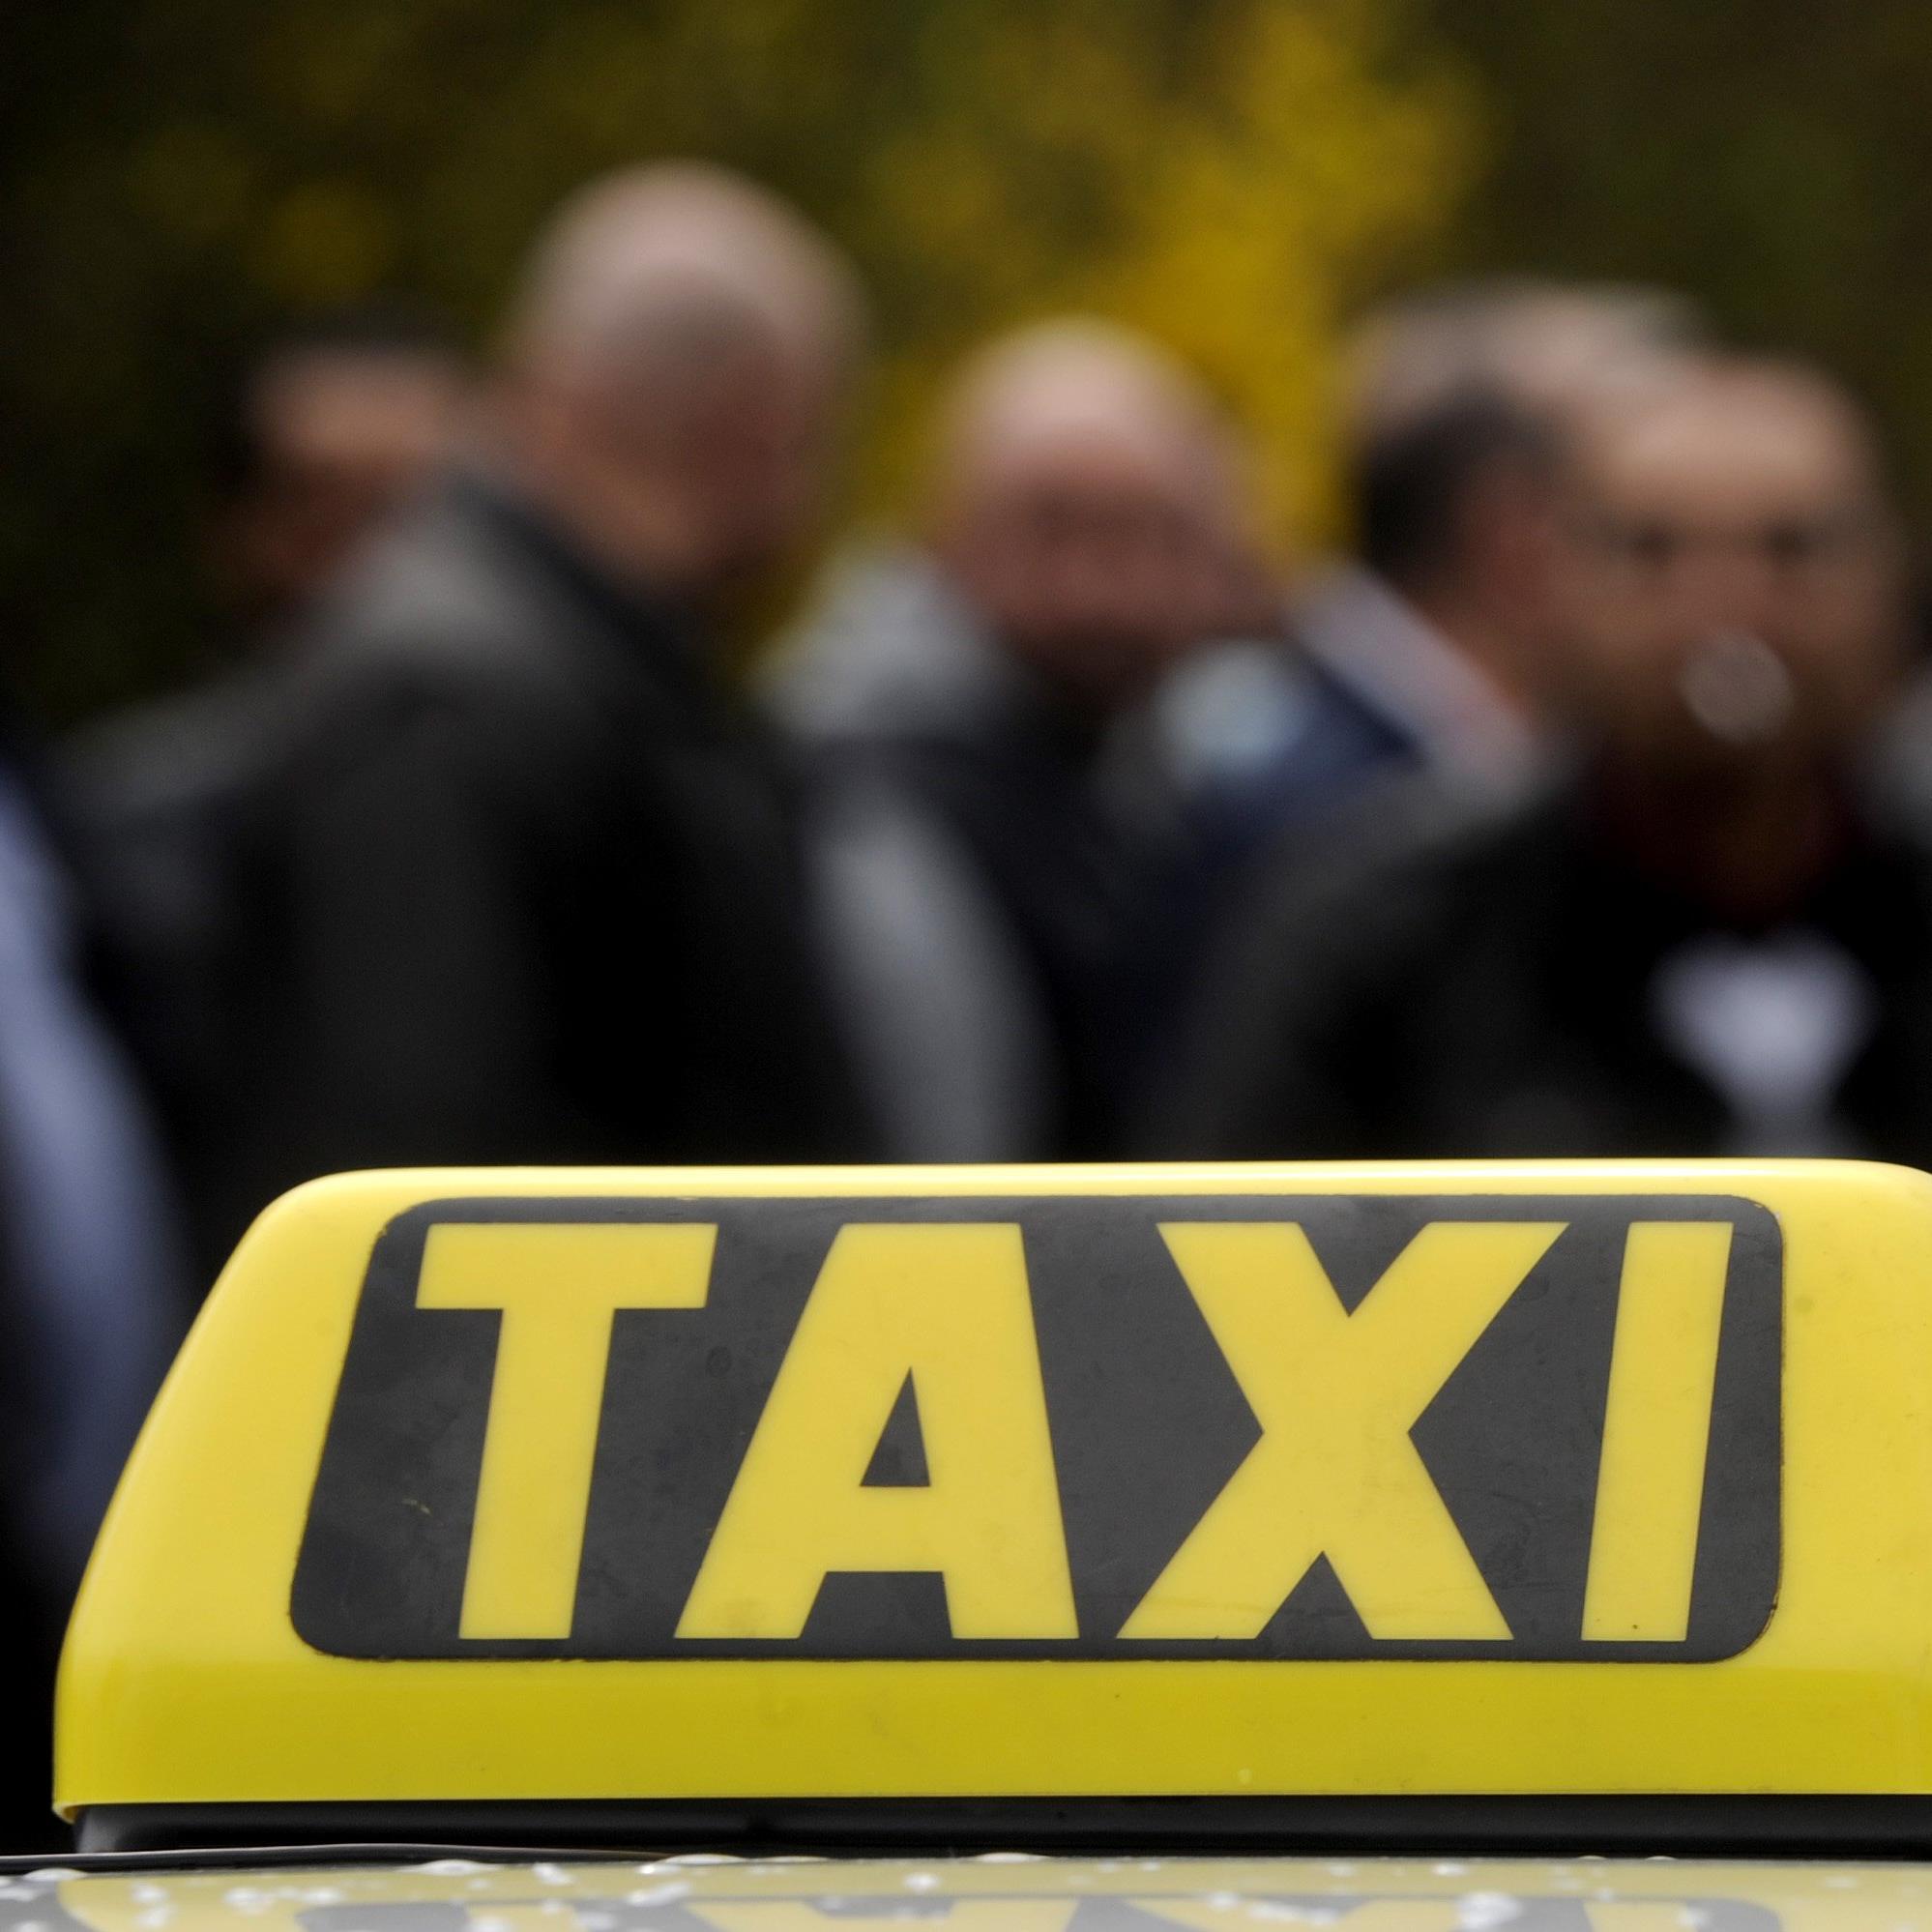 Einem Wiener Taxiunternehmen wird Steuerbetrug vorgeworfen